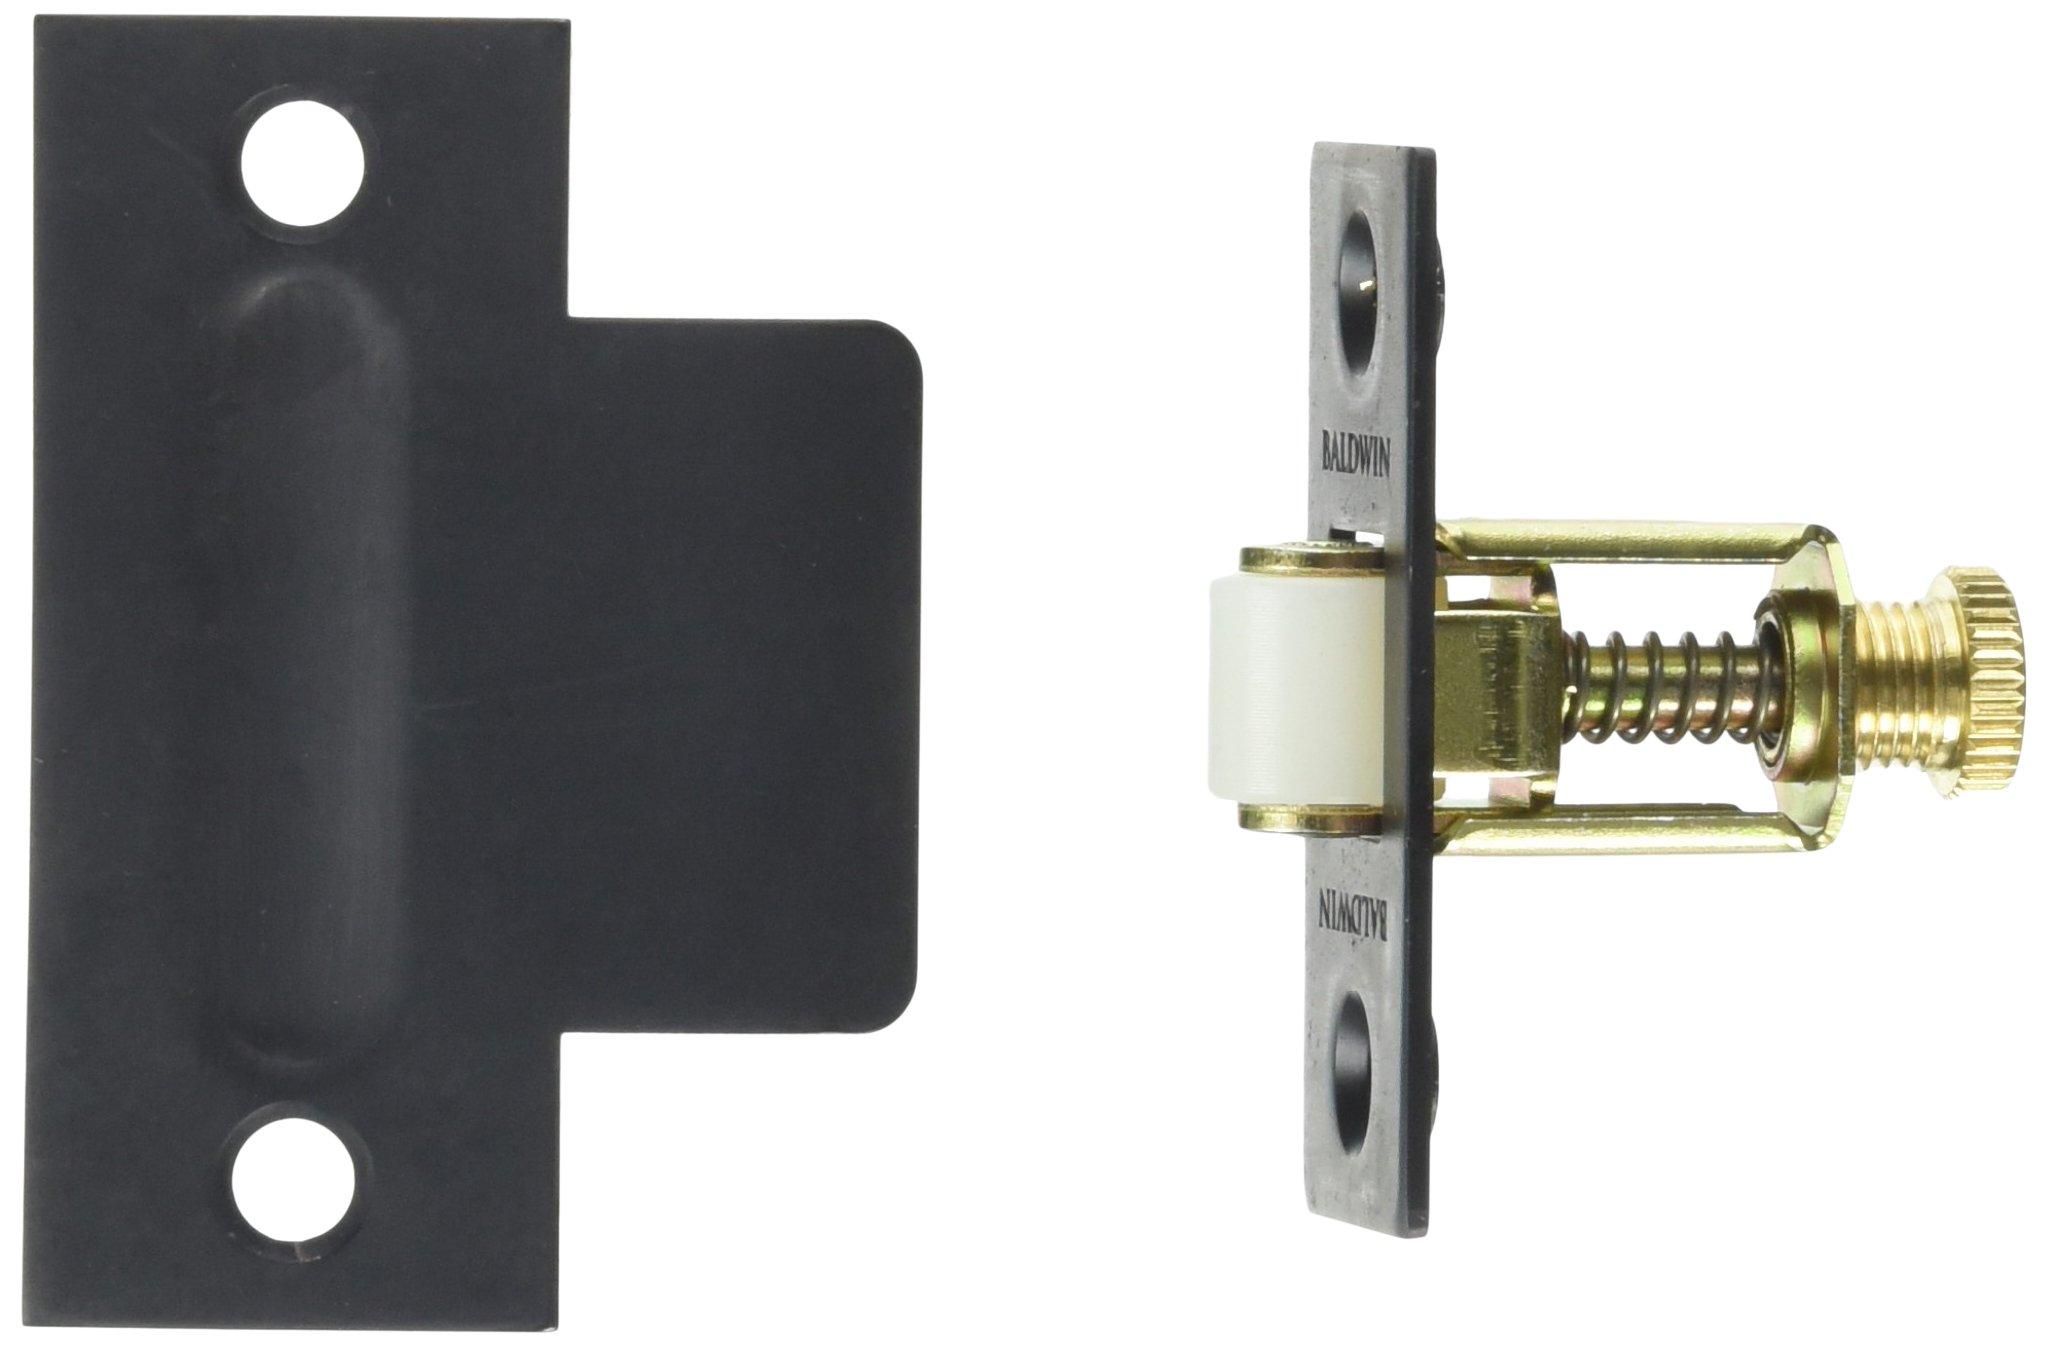 Baldwin 0440102 Adjustable Roller Catch, Oil Rubbed Bronze